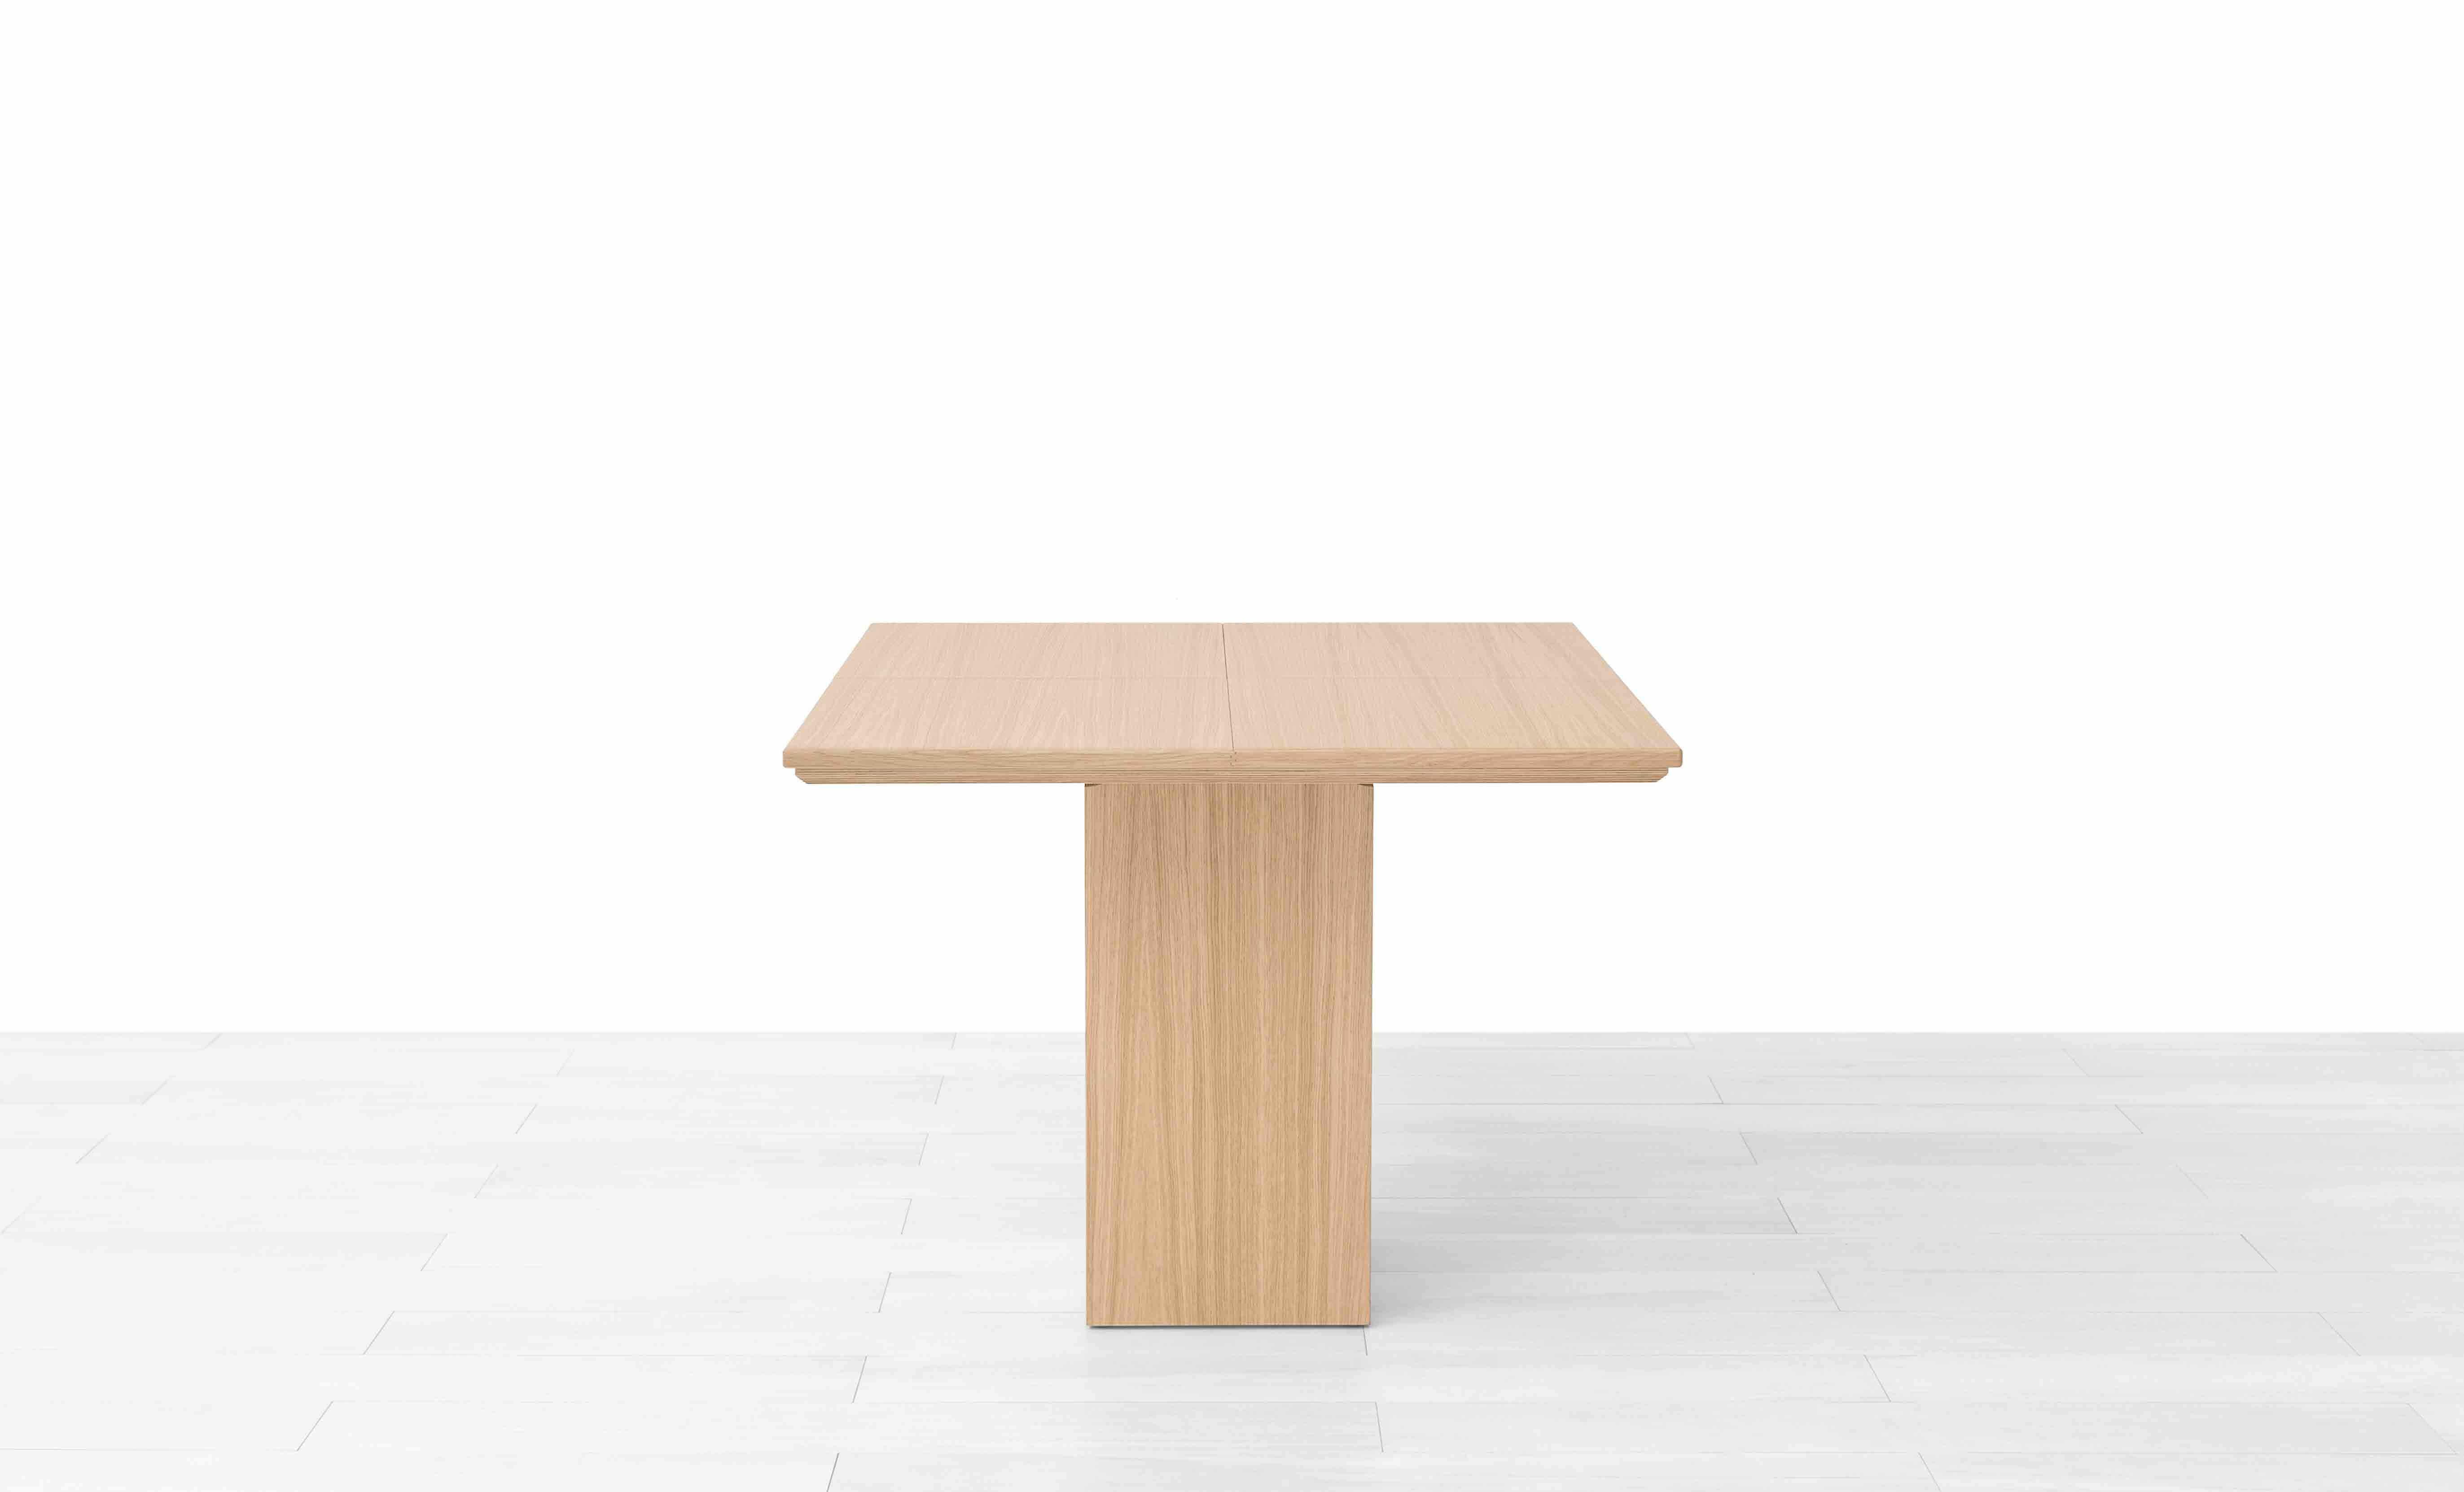 Tavolo Allungabile A Spicchi.Tavolo Multiforme Allungabile E Salvaspazio Lg Lesmo